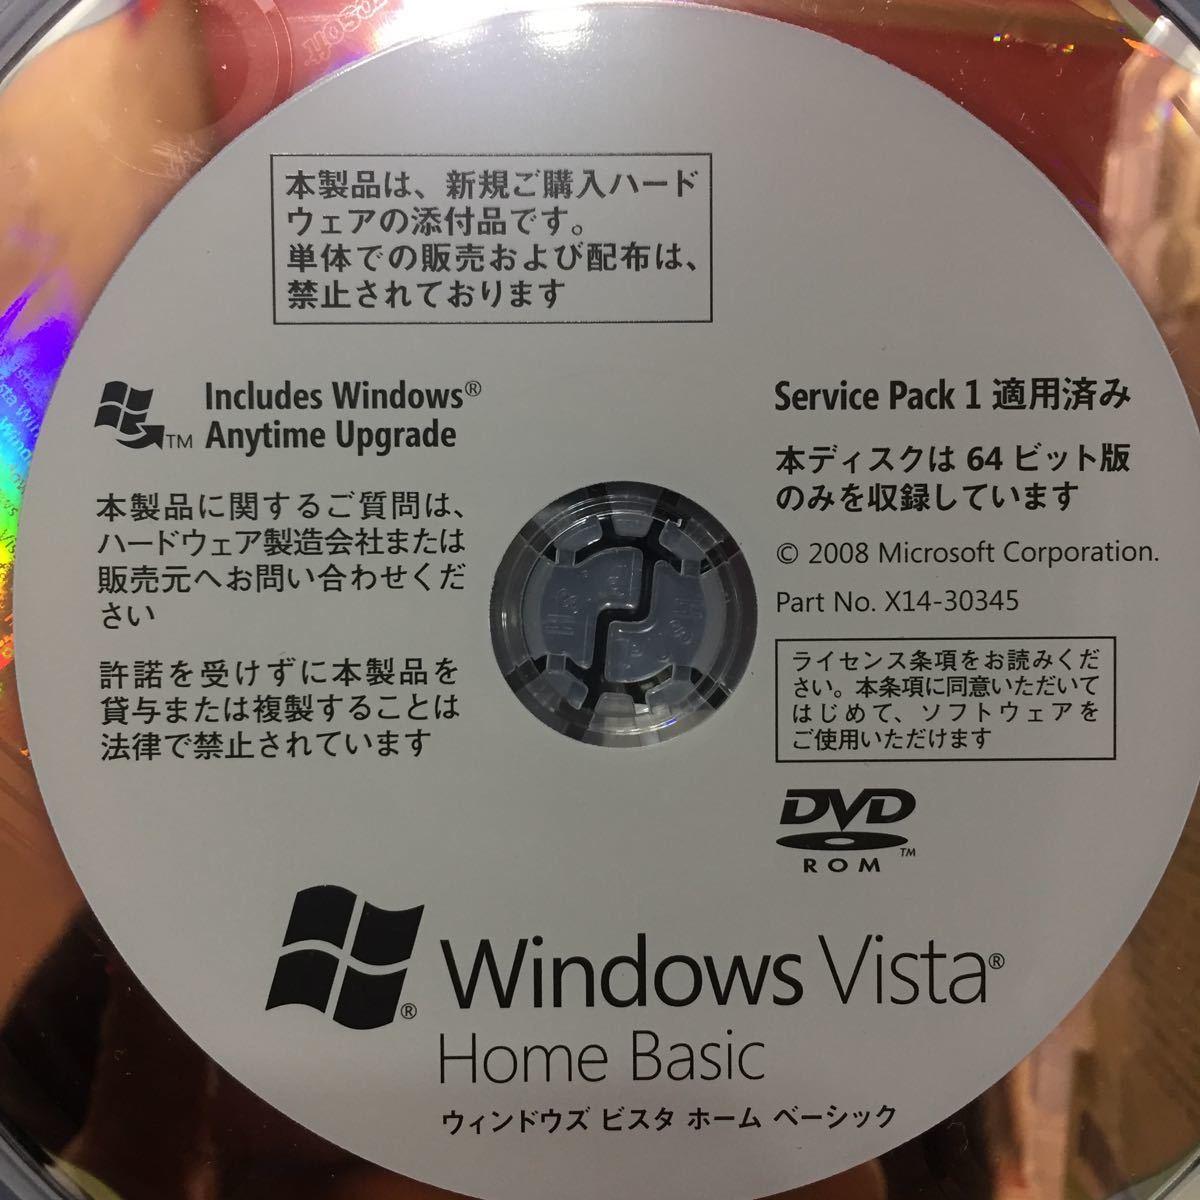 現状品 Windows Vista Home Basic 64bit OEM版 SP1適用済みプロダクトコード付き 【L-3】_画像3